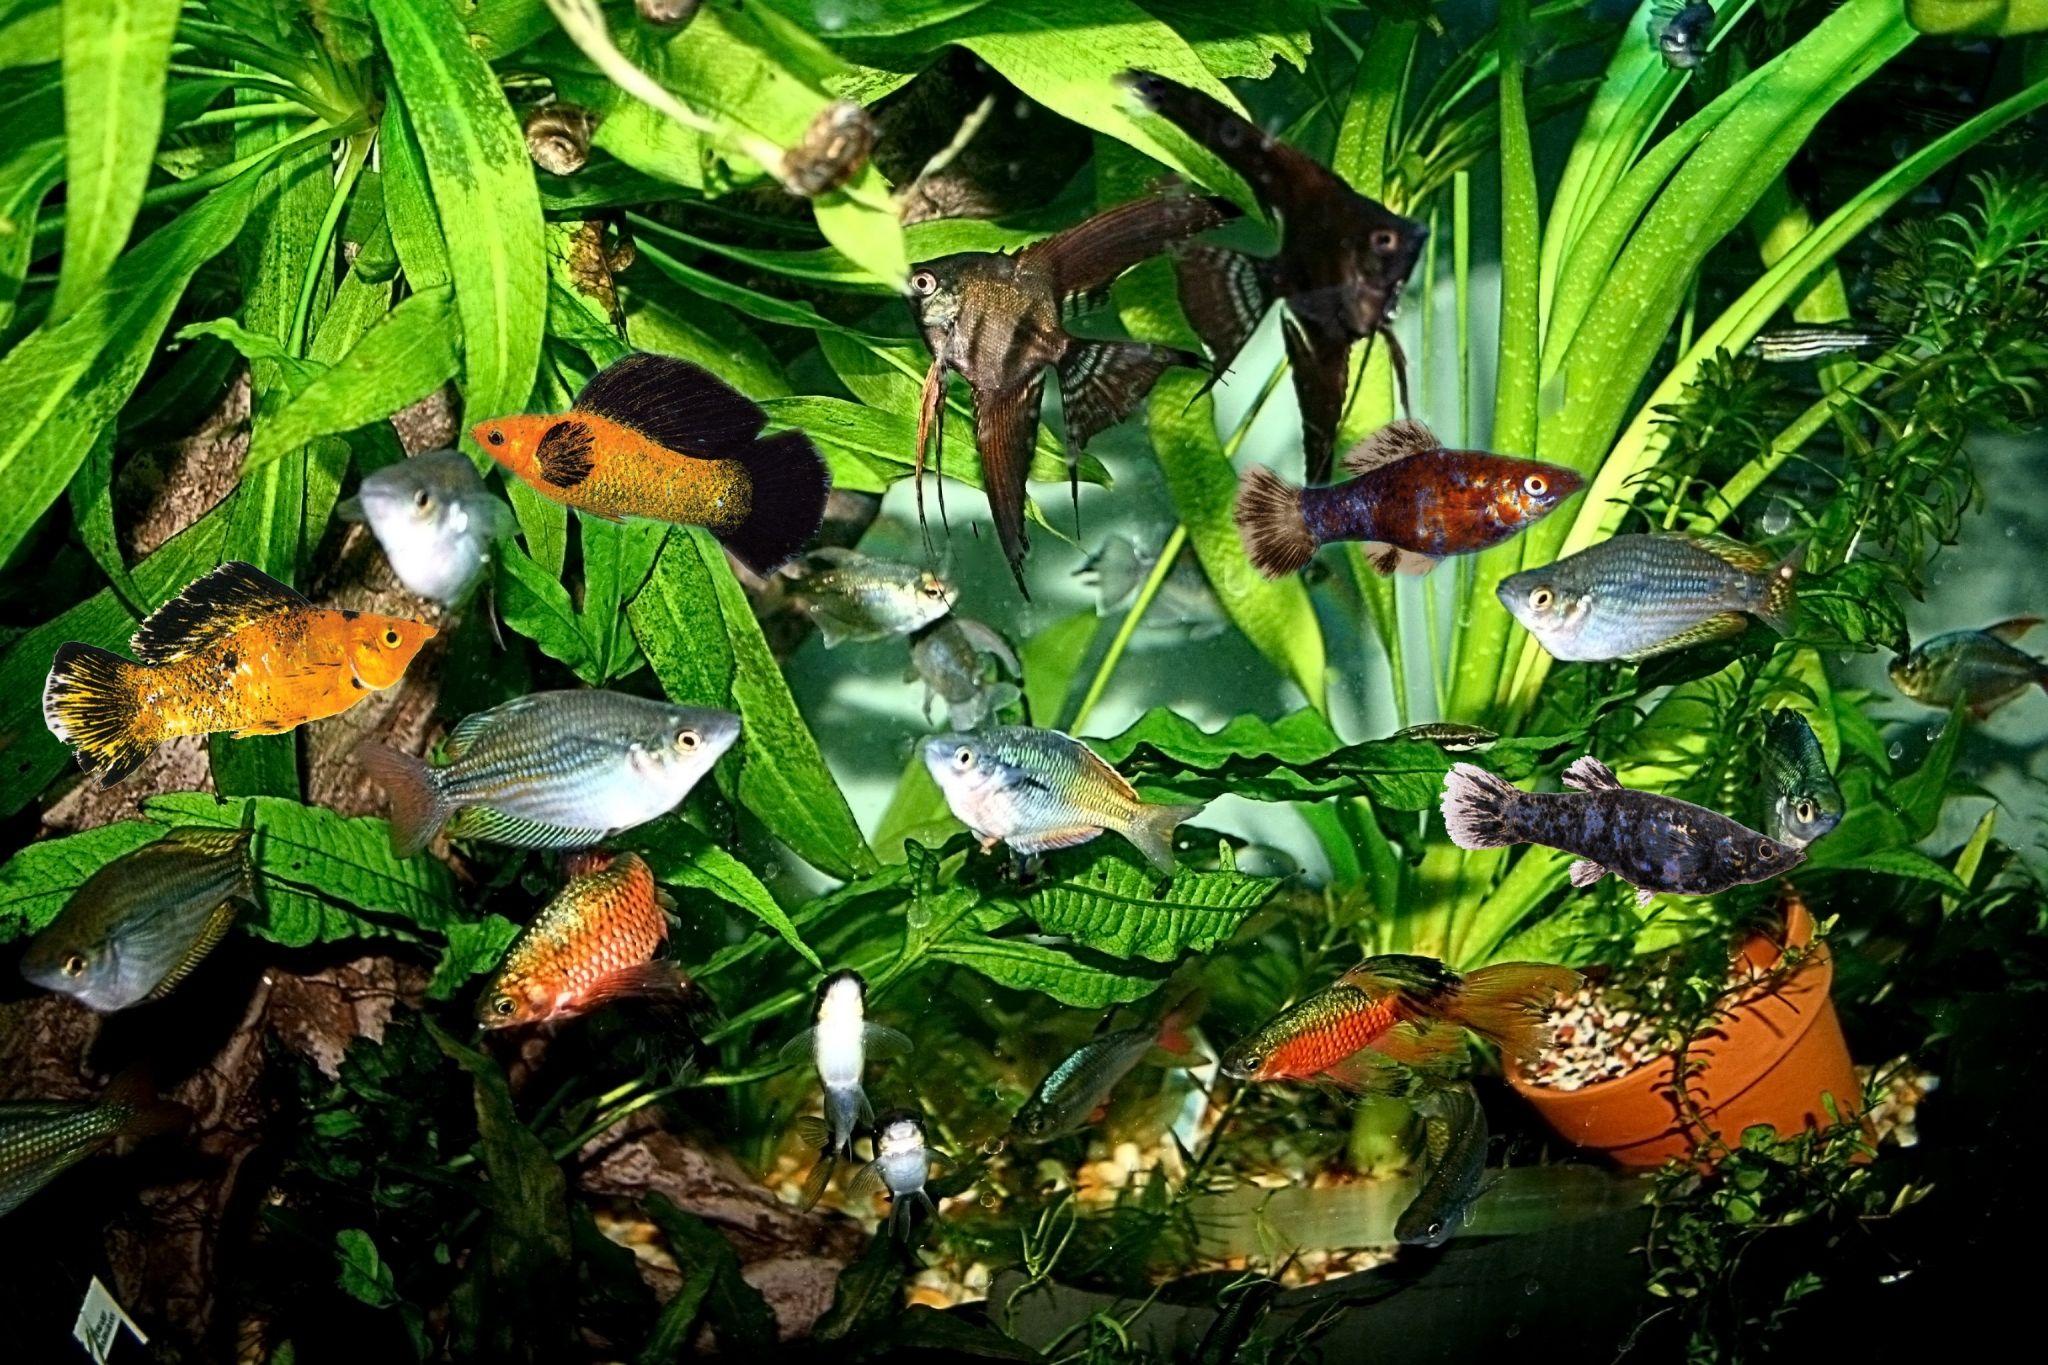 Aquarium Wallpaper Hd Pack